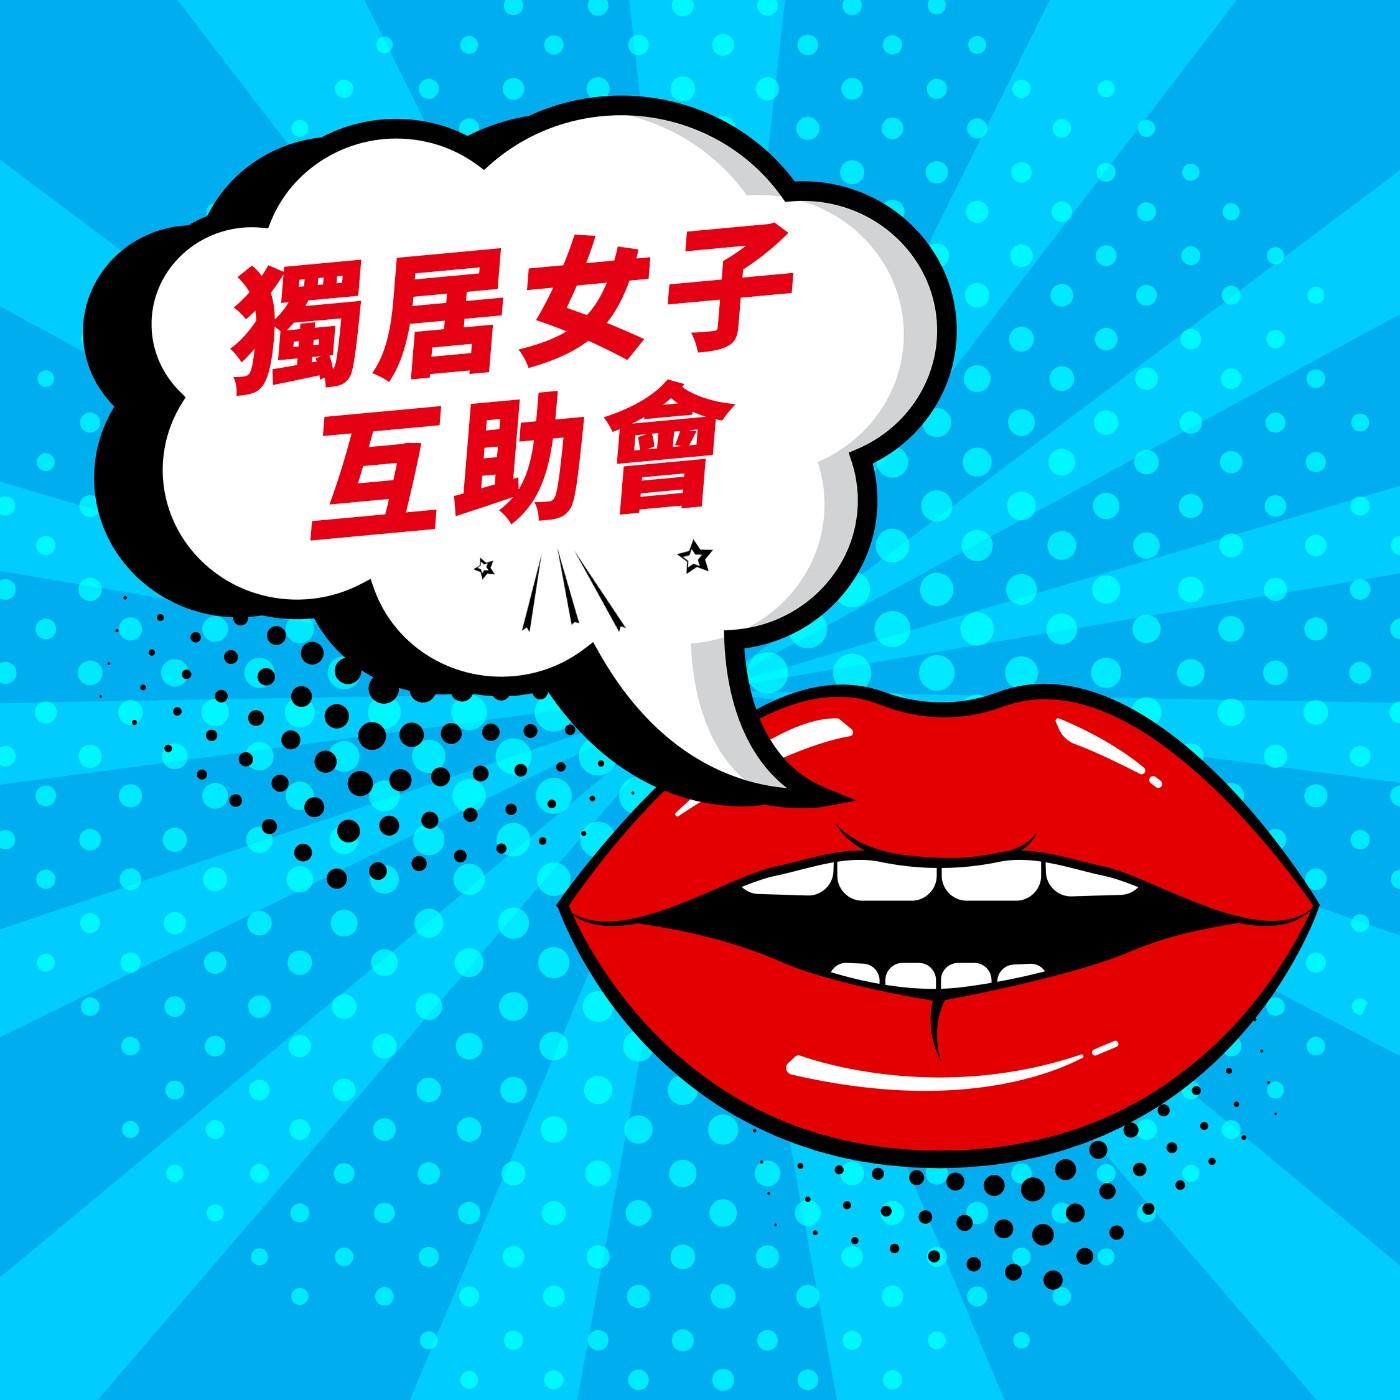 EP13【獨居女子來推劇】《月薪嬌妻》新春特別篇之獨居女子代表百合阿姨,原來獨居女子遇到這樣的問題還是會很困擾的